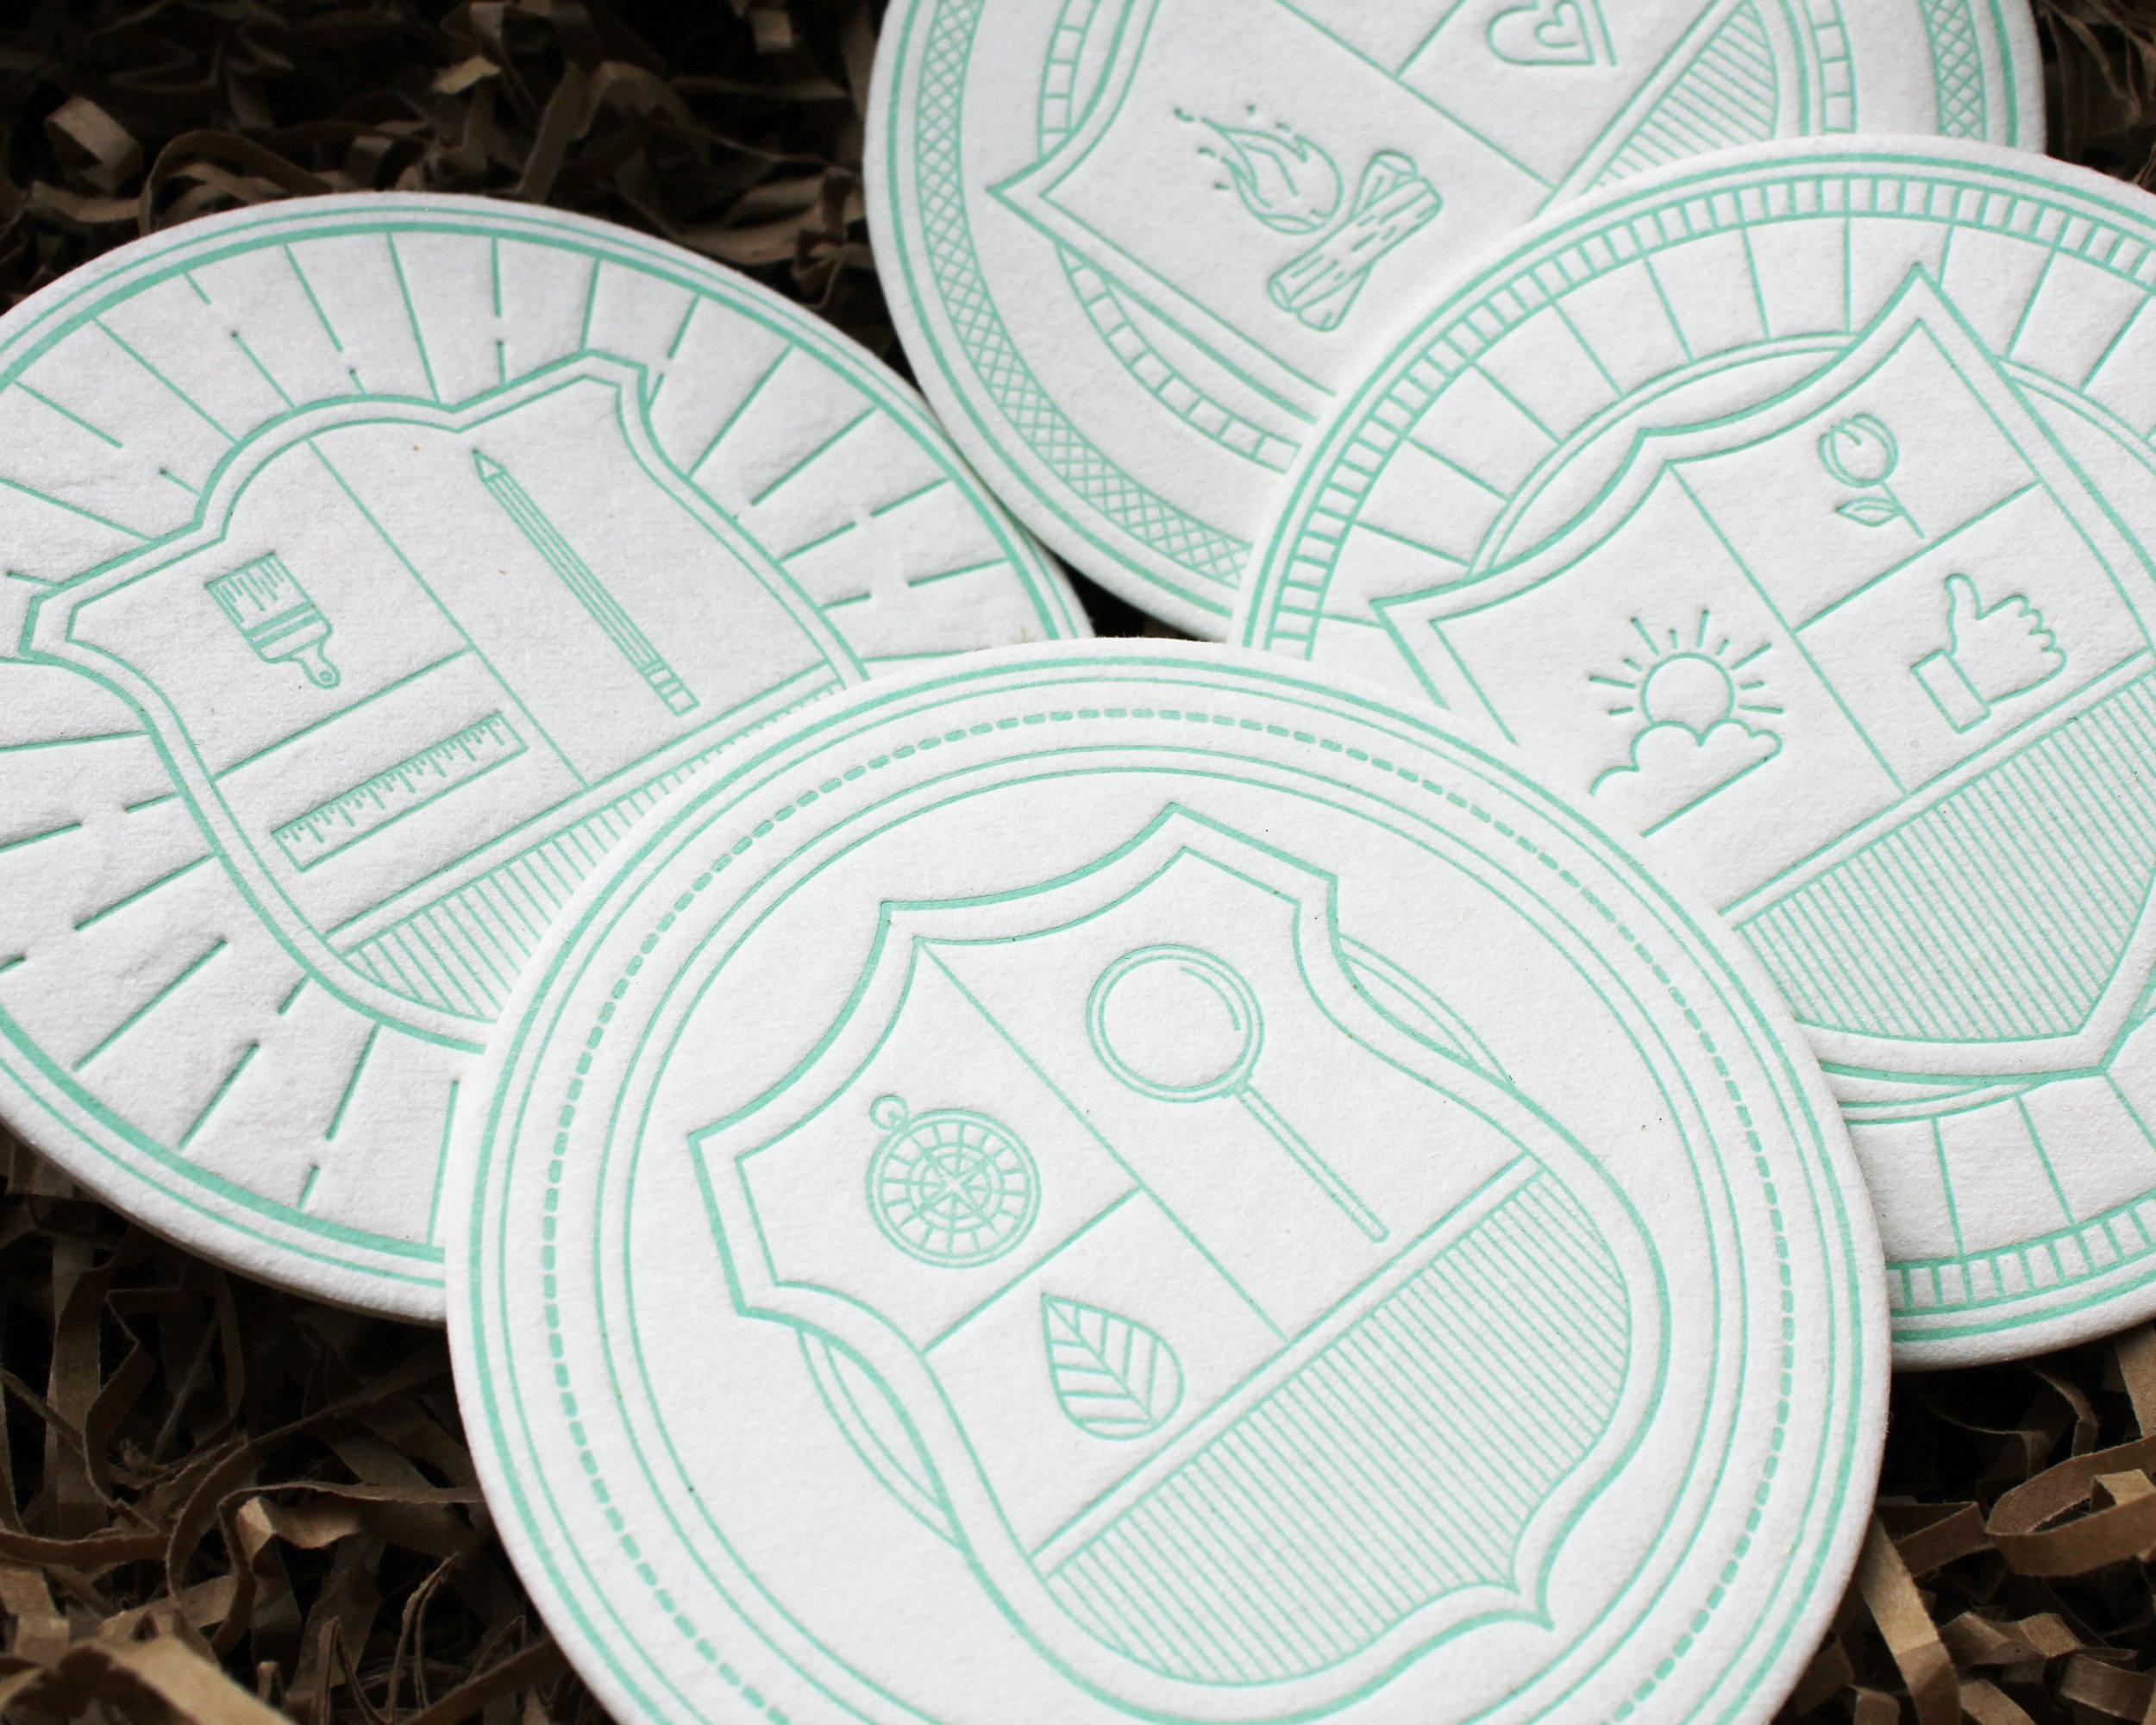 Creativity Coasters